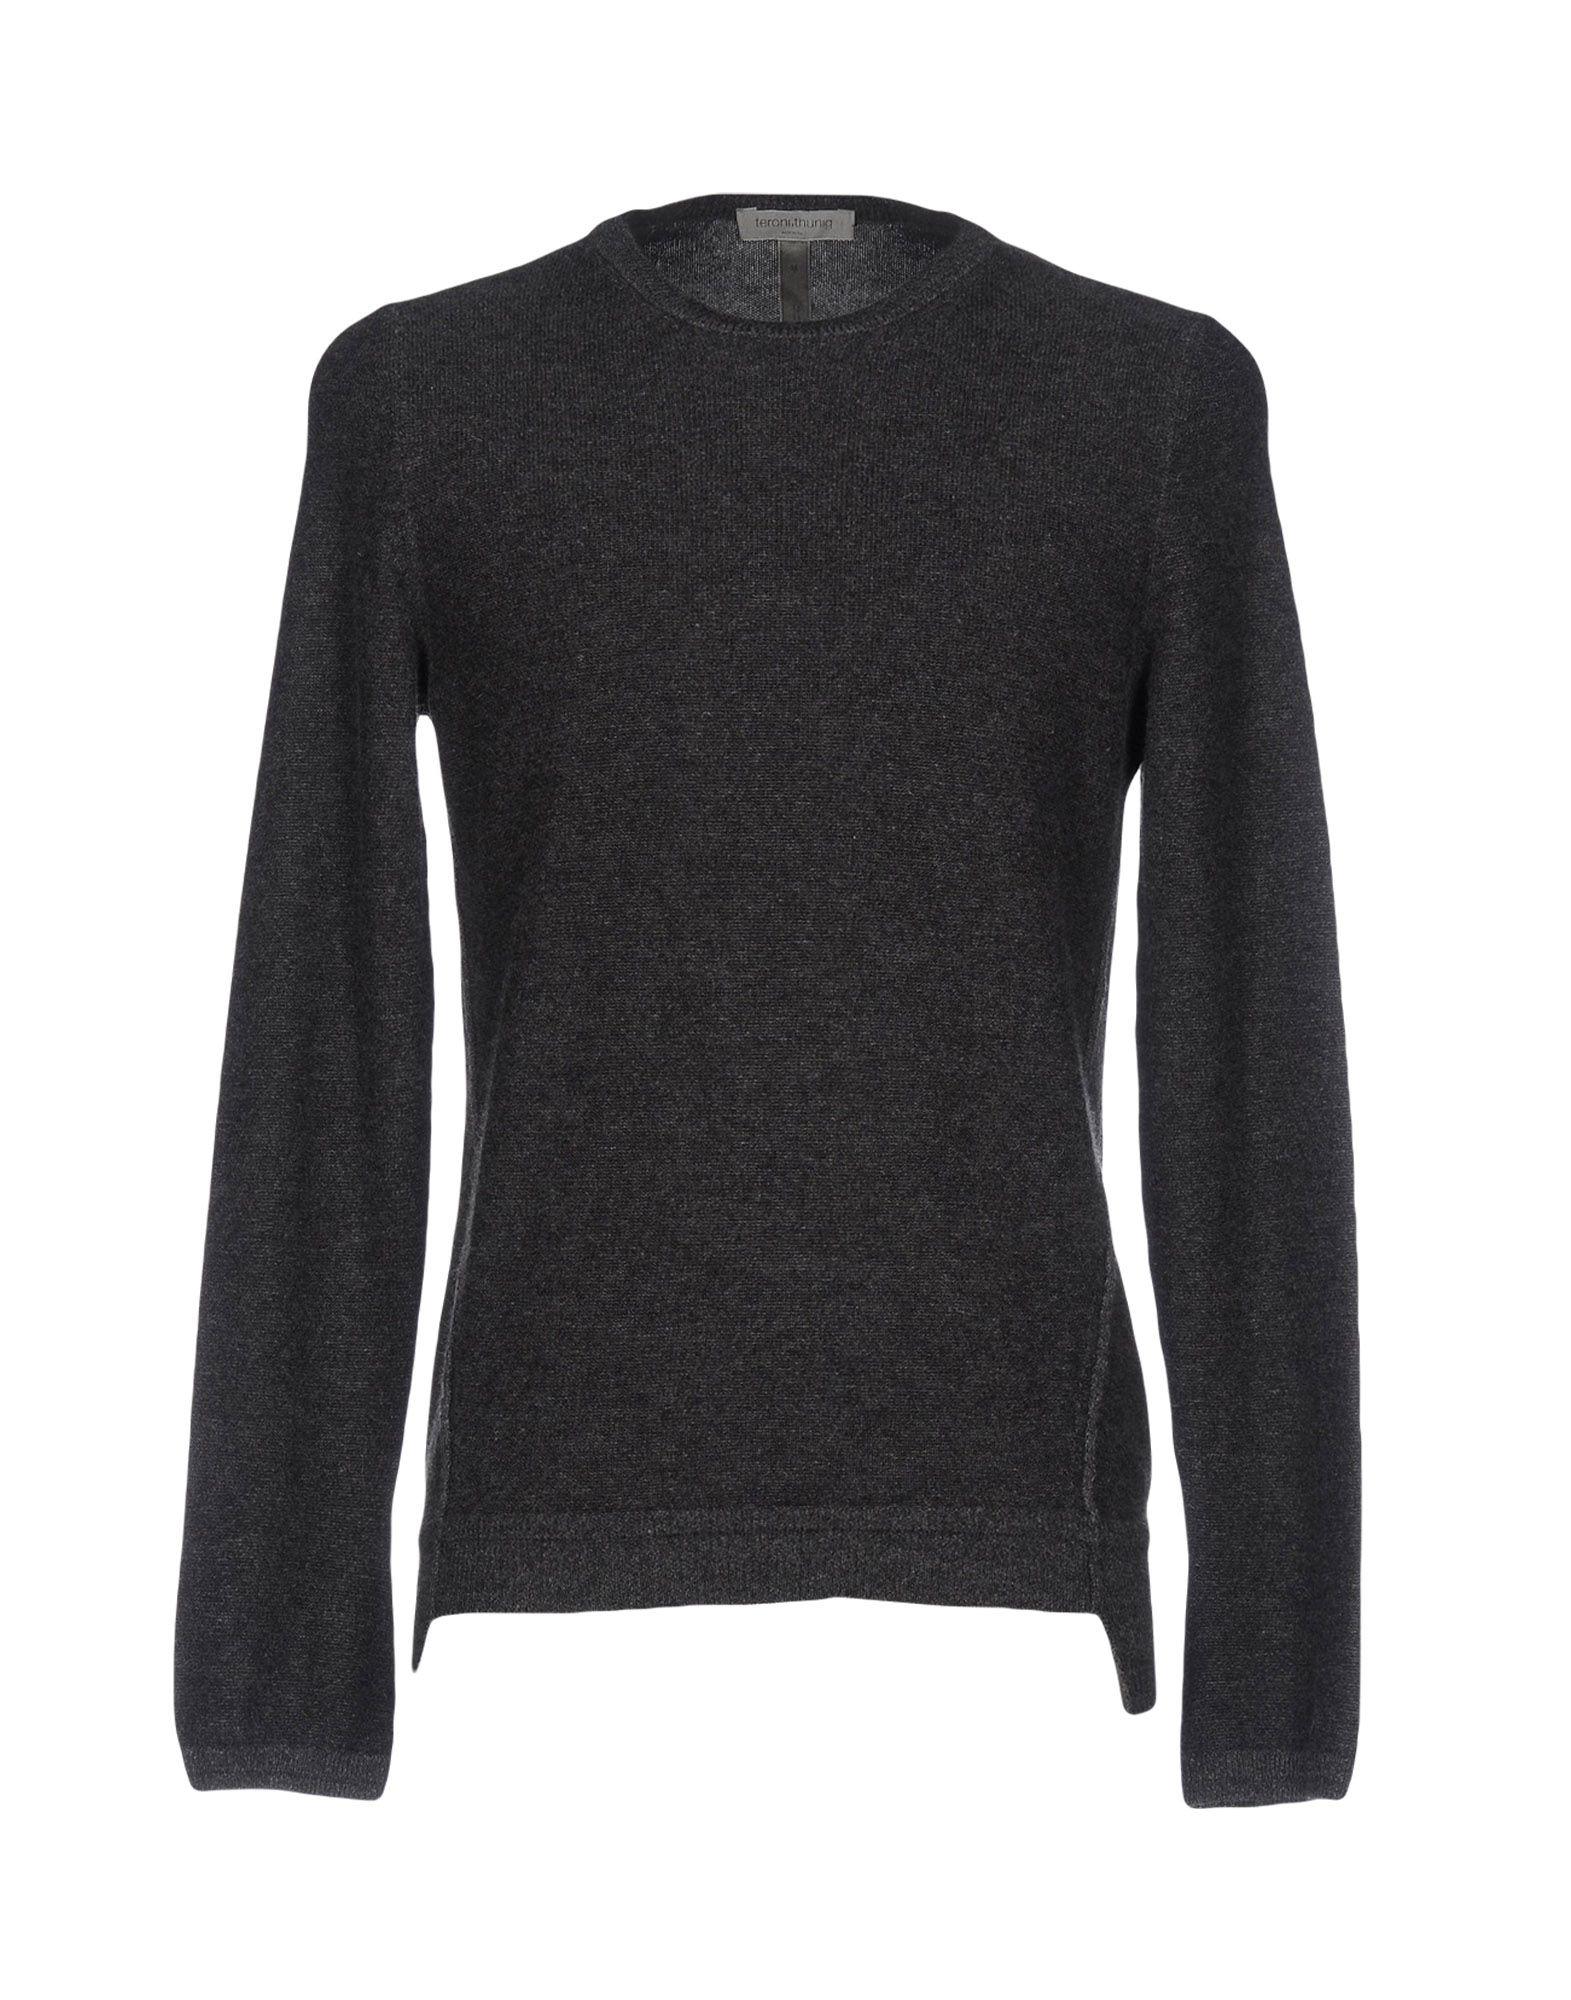 TERONI.THUNIG Herren Pullover Farbe Blei Größe 4 jetztbilligerkaufen